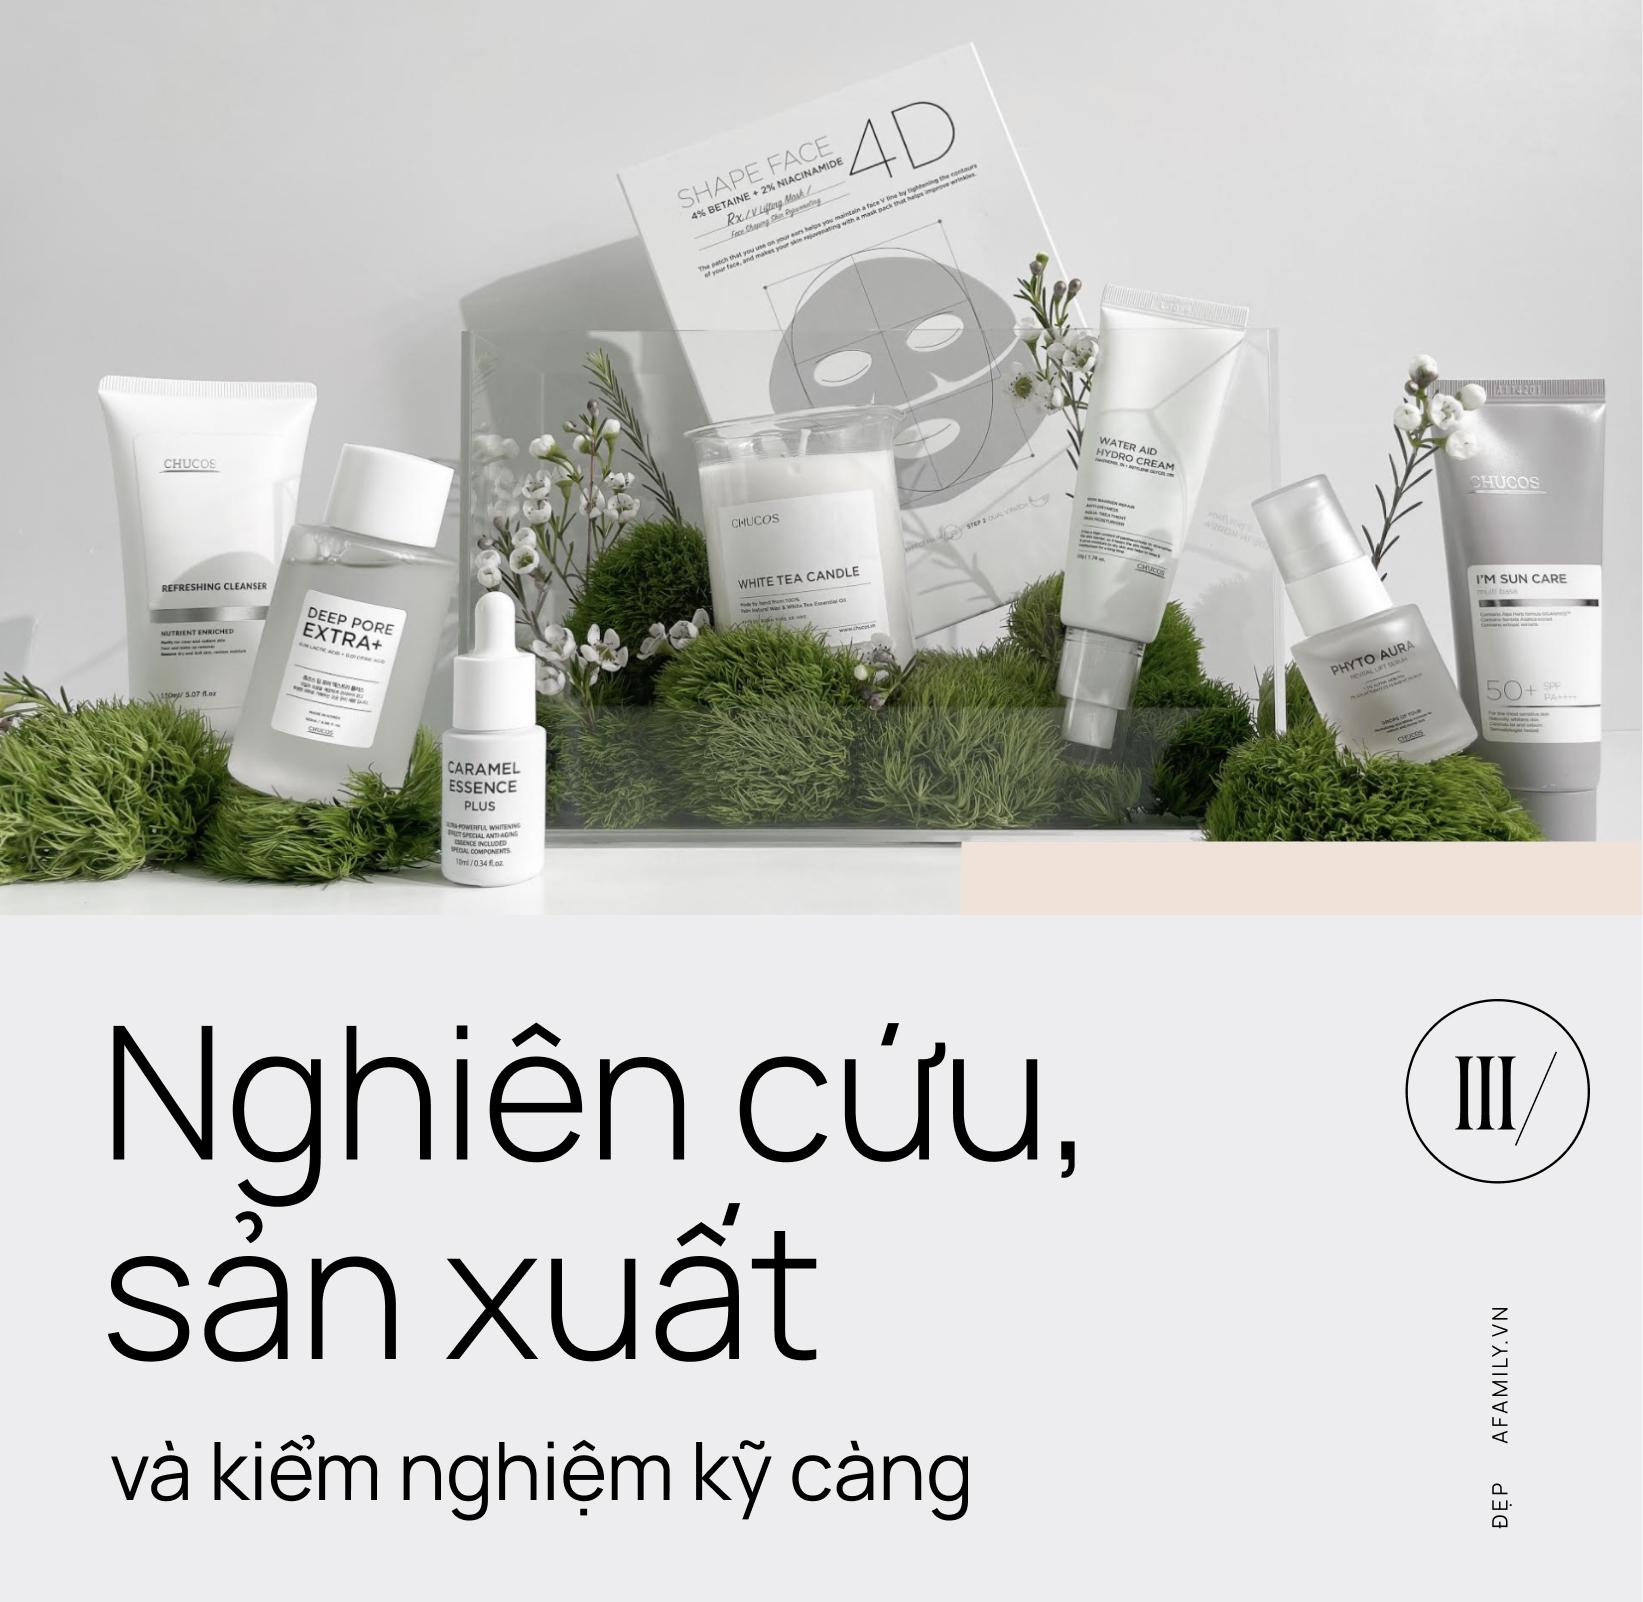 Chucos: Thương hiệu mỹ phẩm Việt không màu mè hoa lá nhưng khẳng định chất lượng từ bên trong - Ảnh 6.